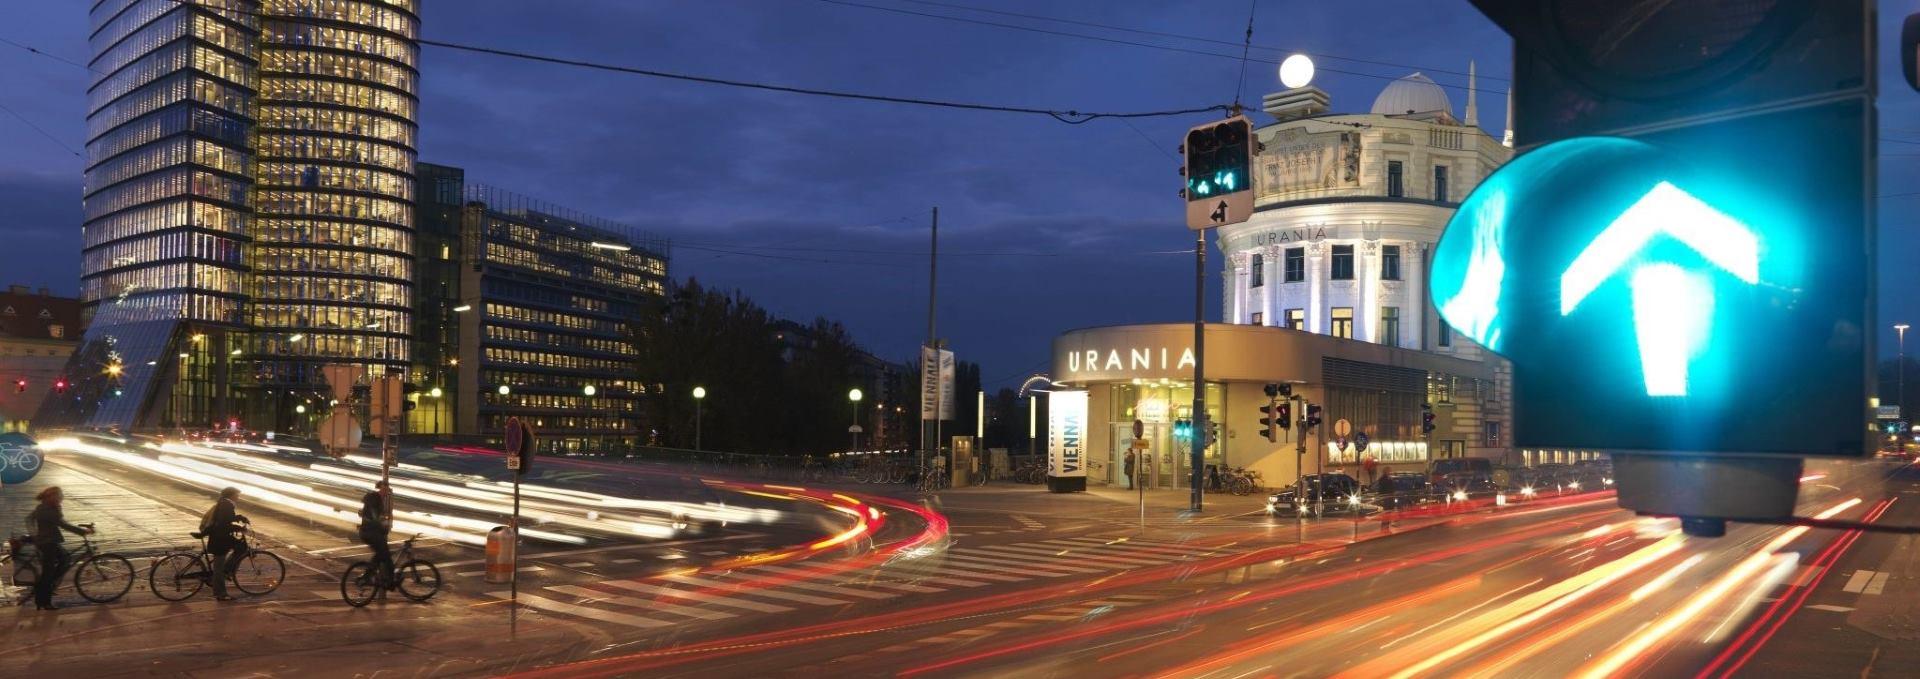 Pametni semafori su investicija budućnosti